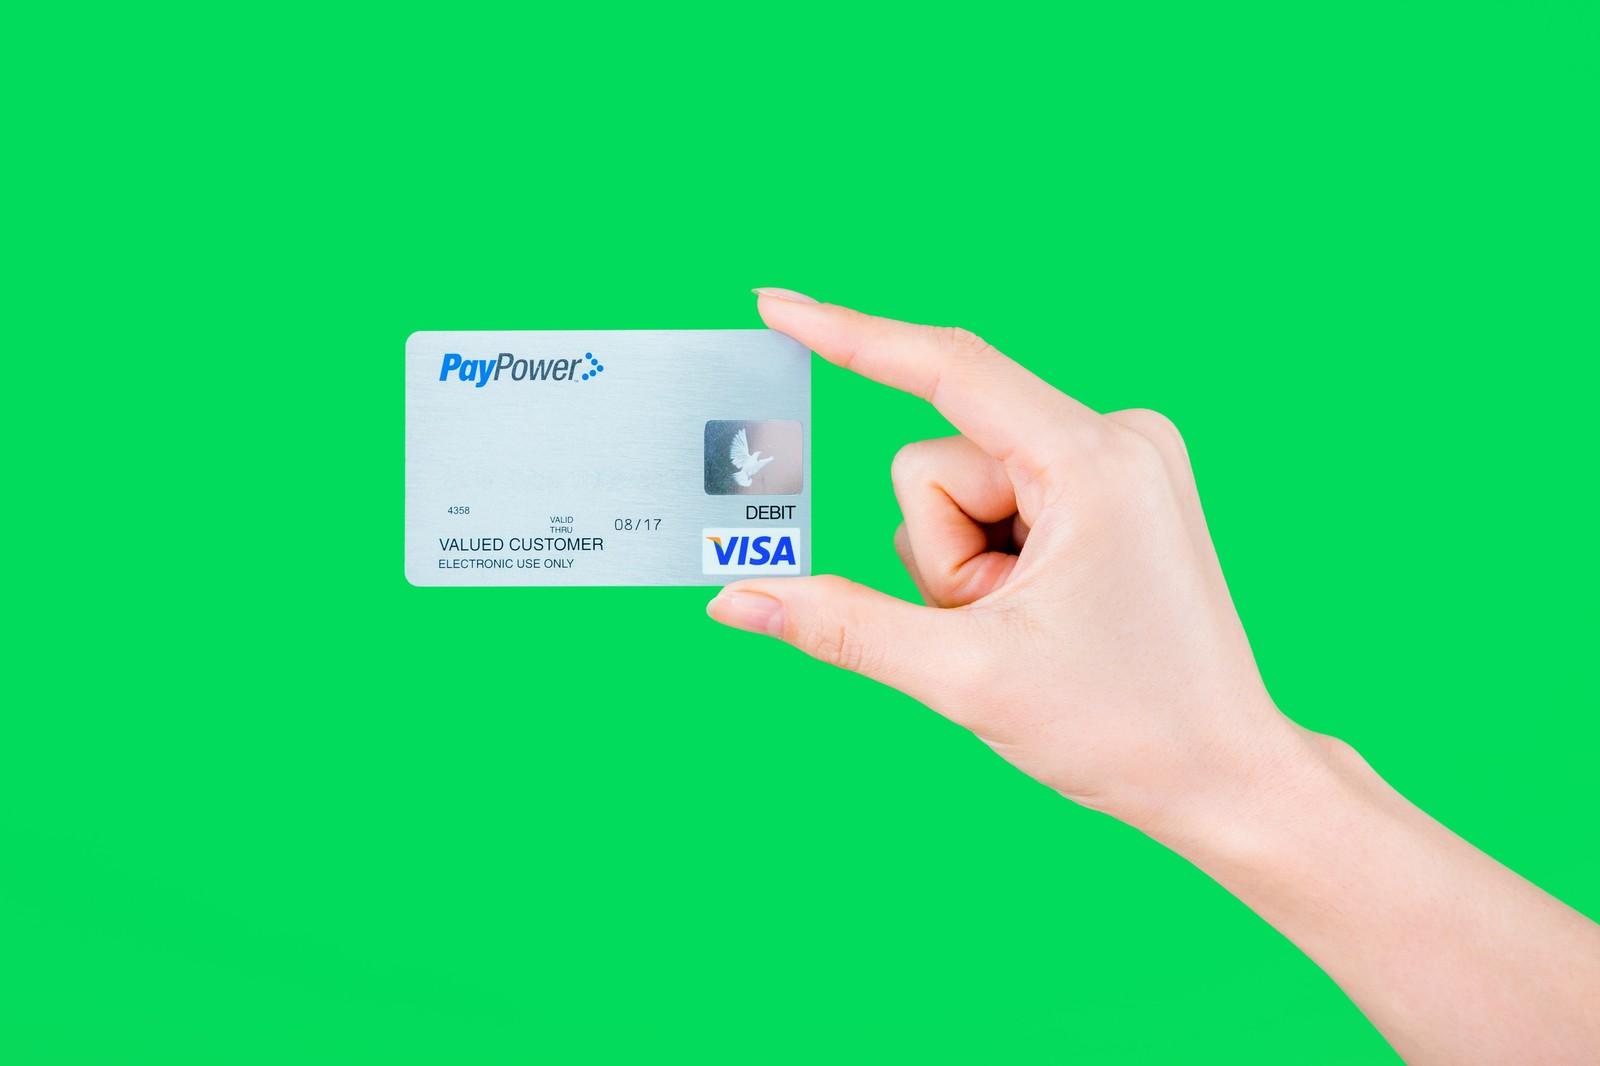 【クレジットカード業務】精神的にも前向きになれる転職を。【法律事務所事務】